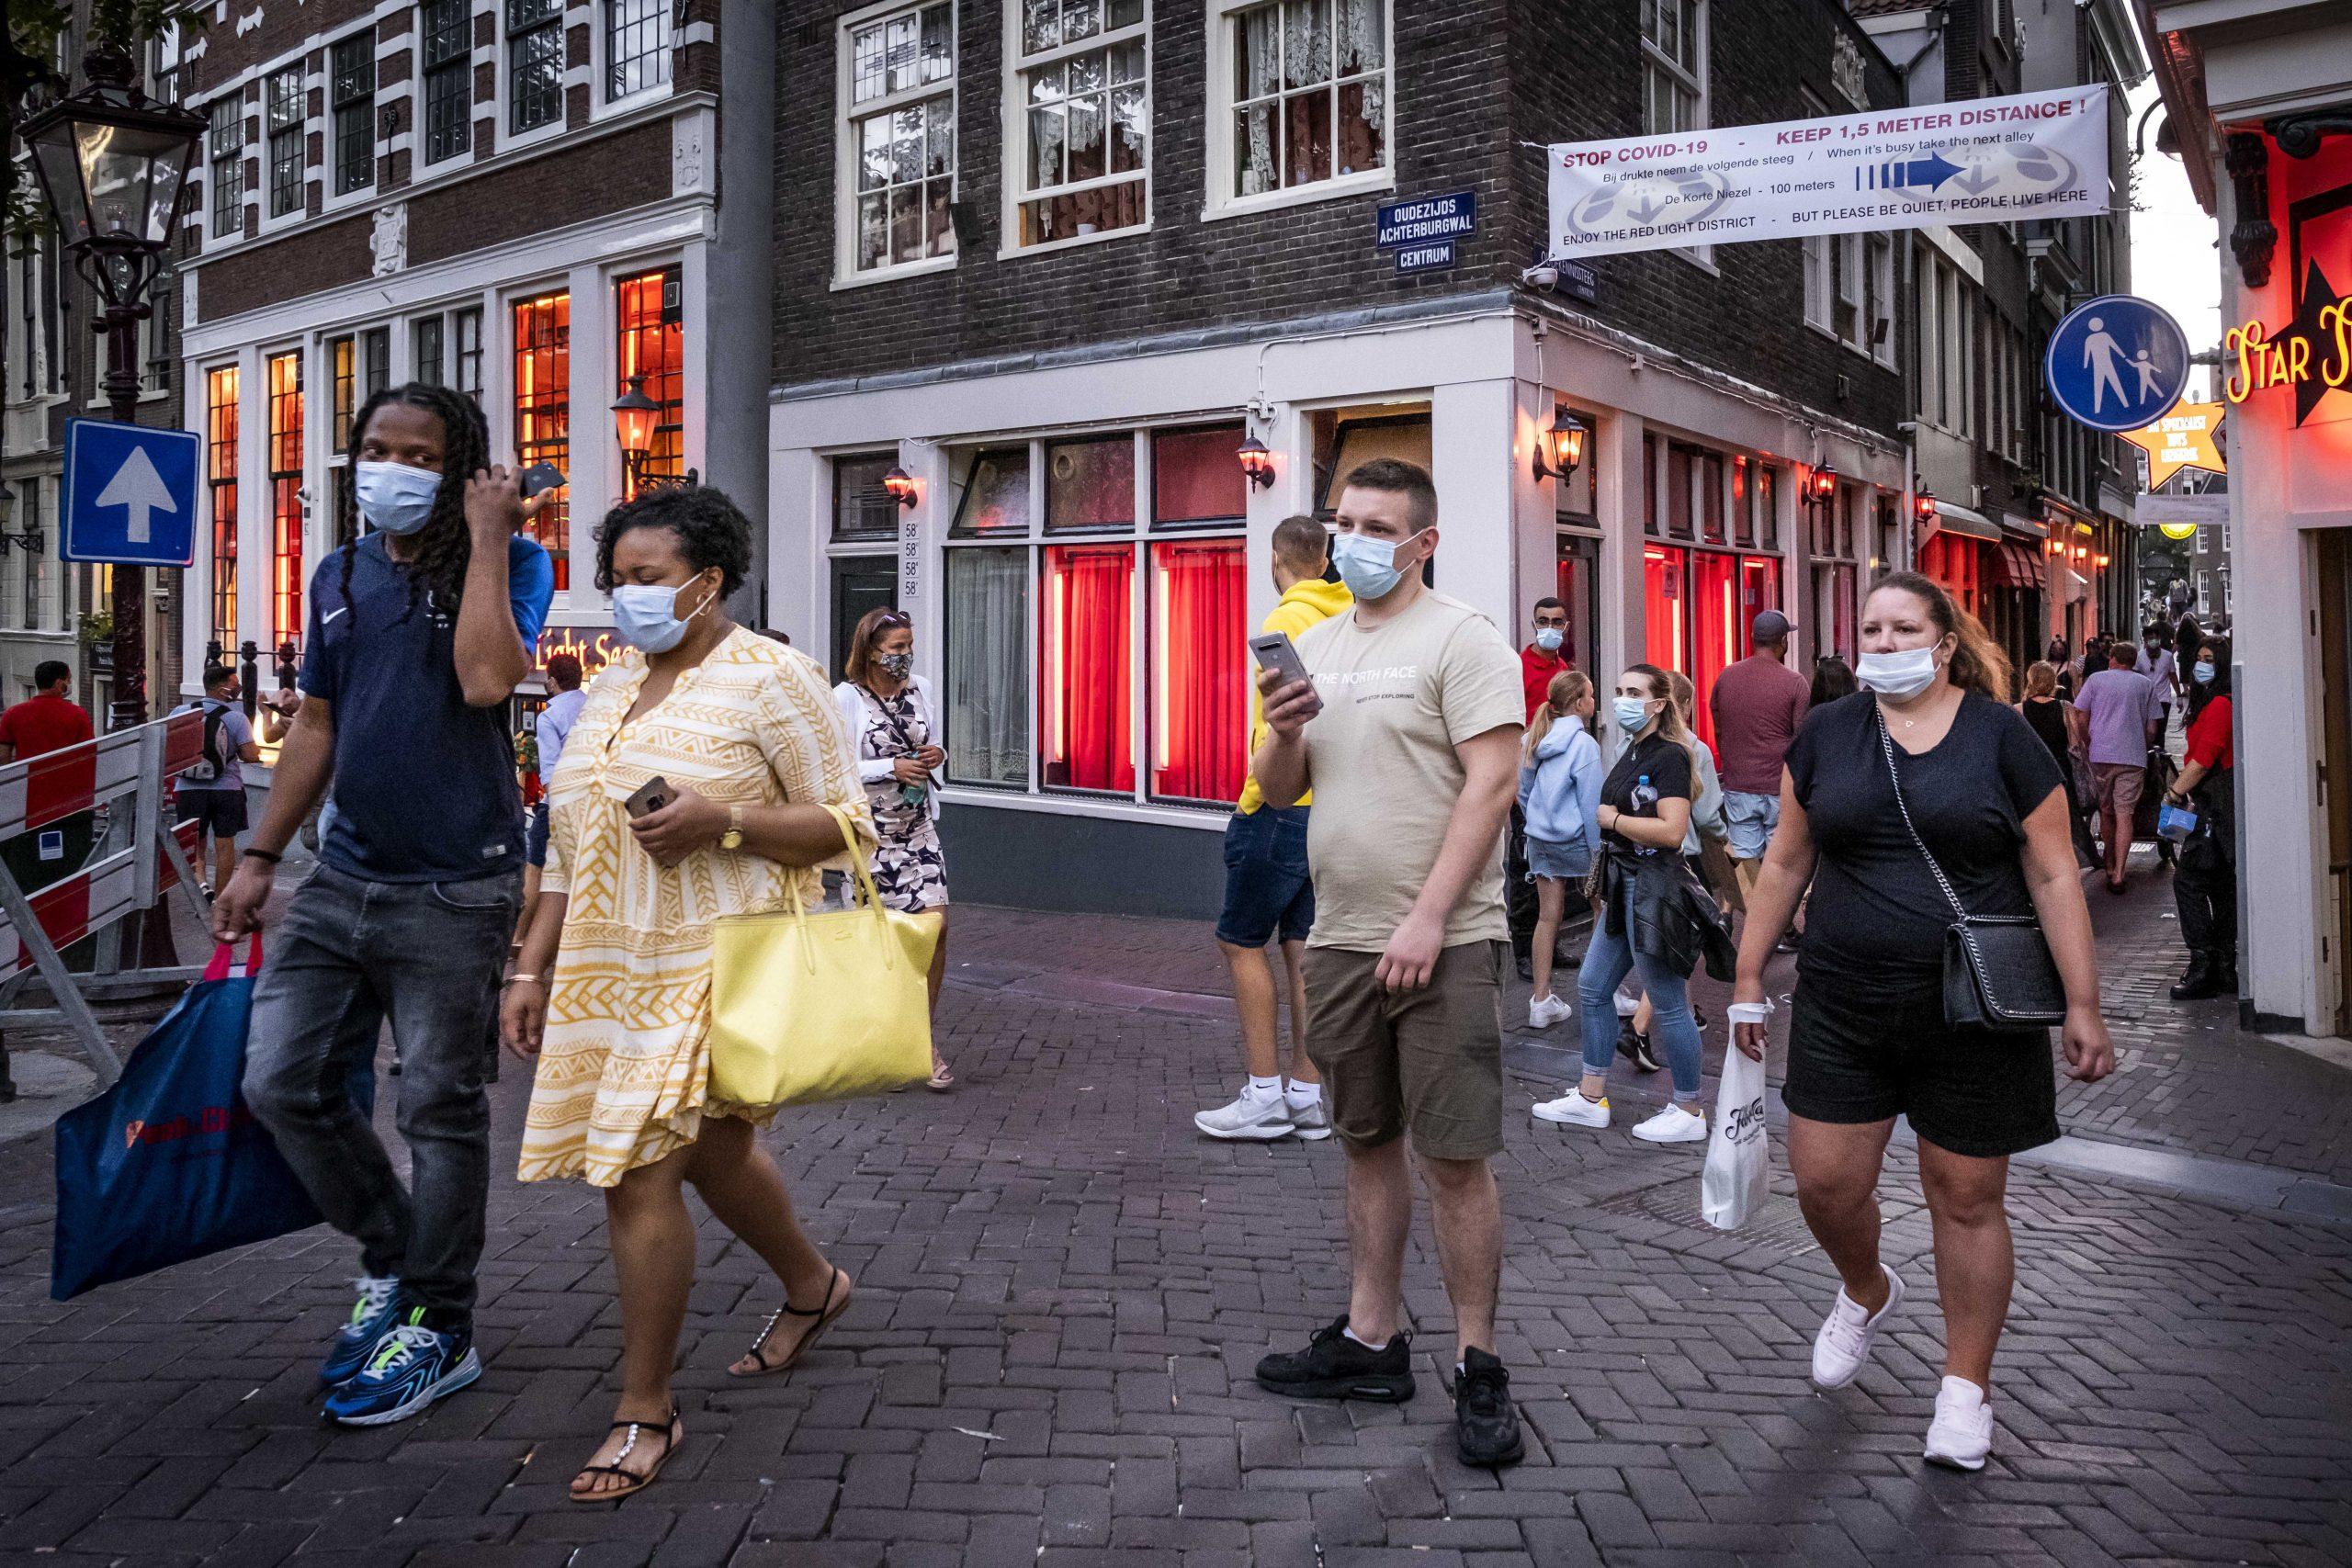 Holandija najavila ukidanje policijskog časa i otvaranje bašti kafića 1